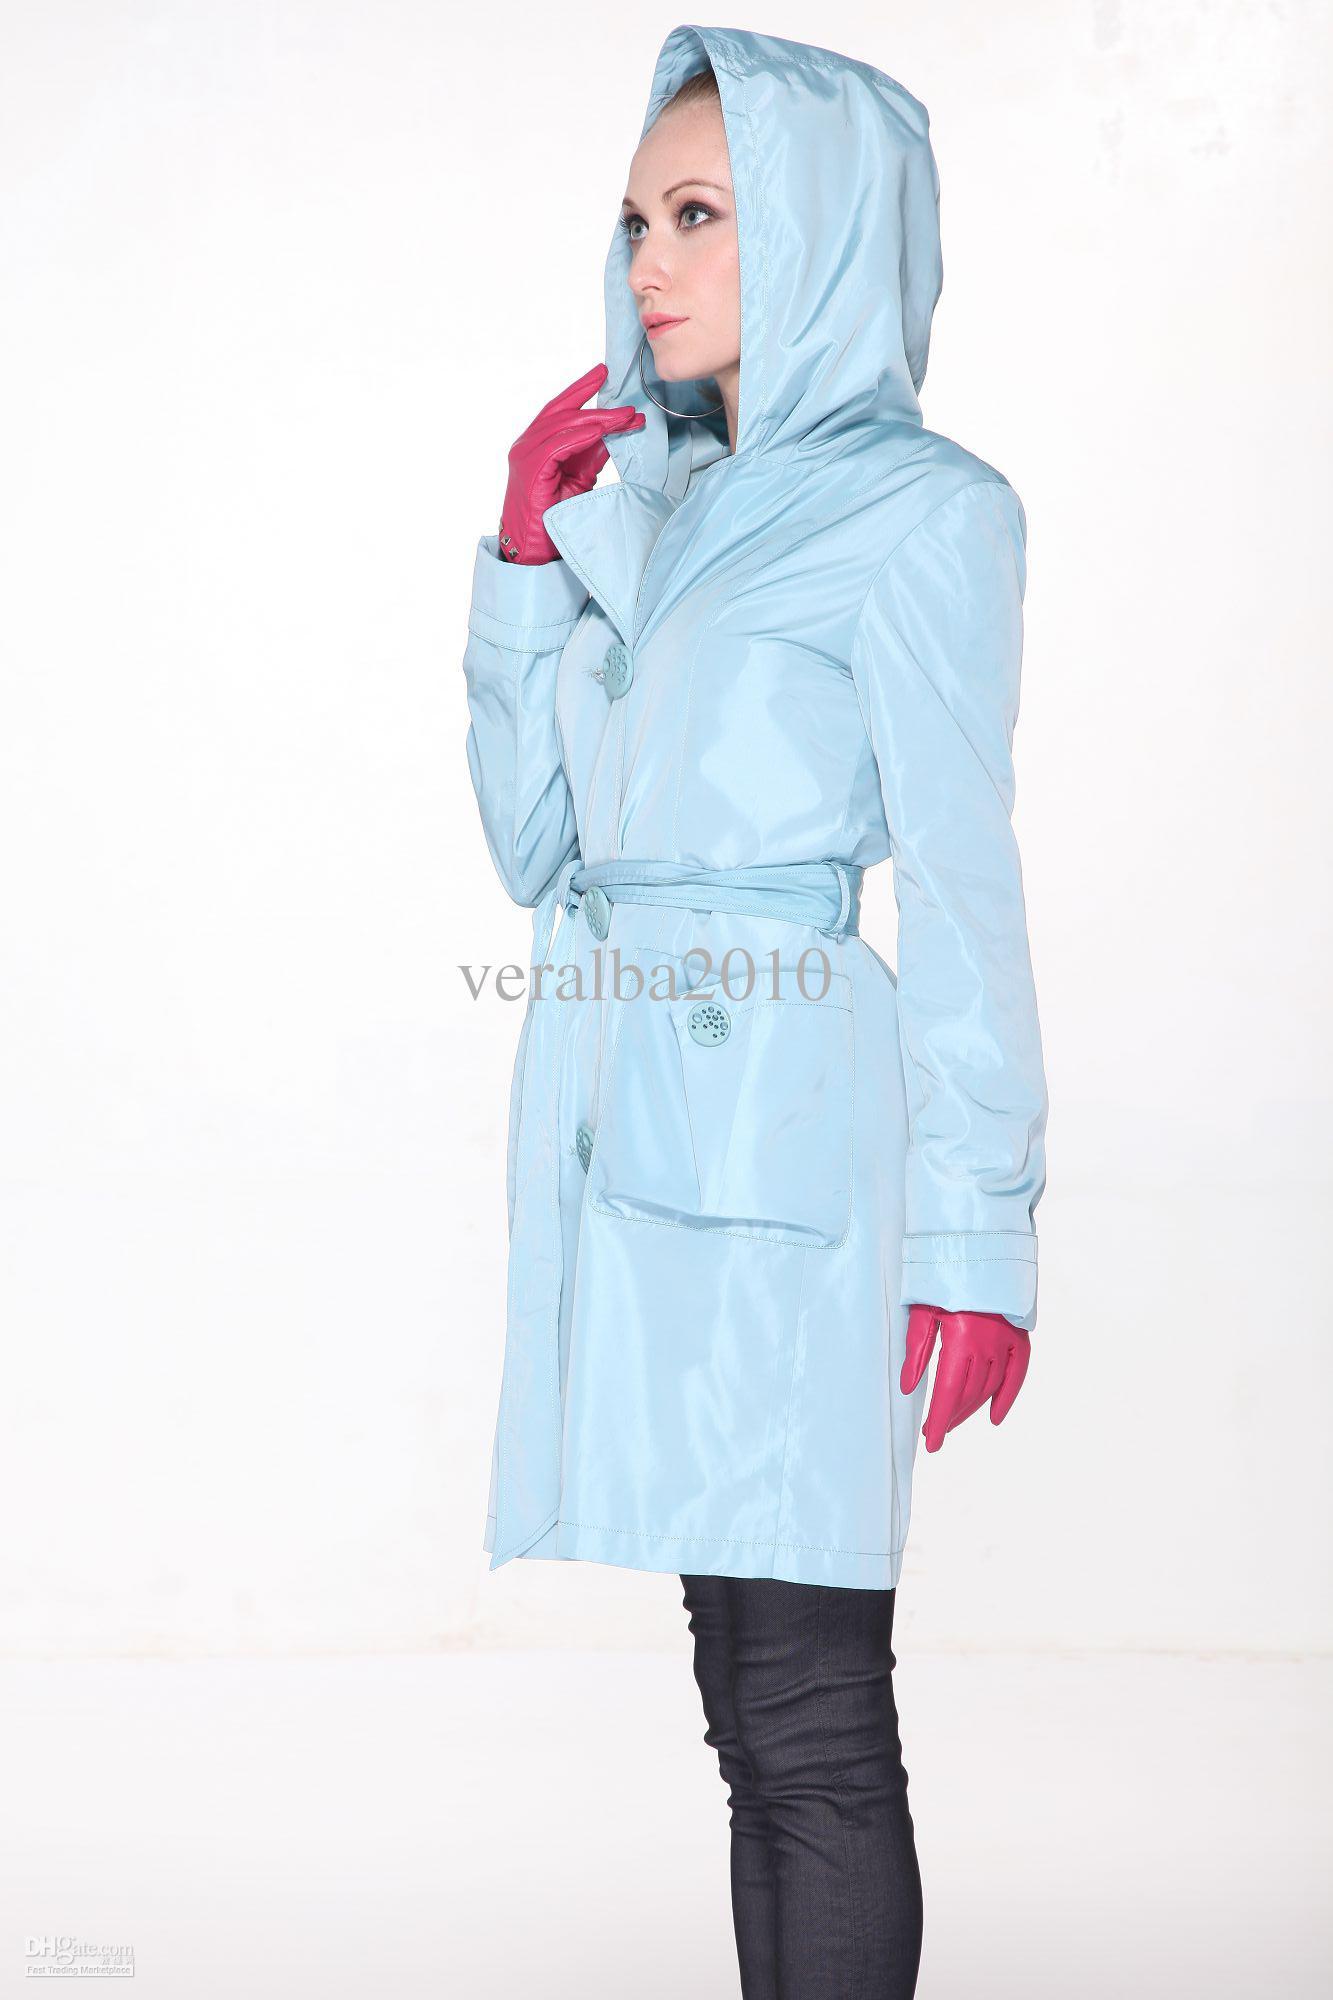 ست مانتو شلوار مدل ست مانتو شلوار و کفش زمستانی مدل ست لباس های